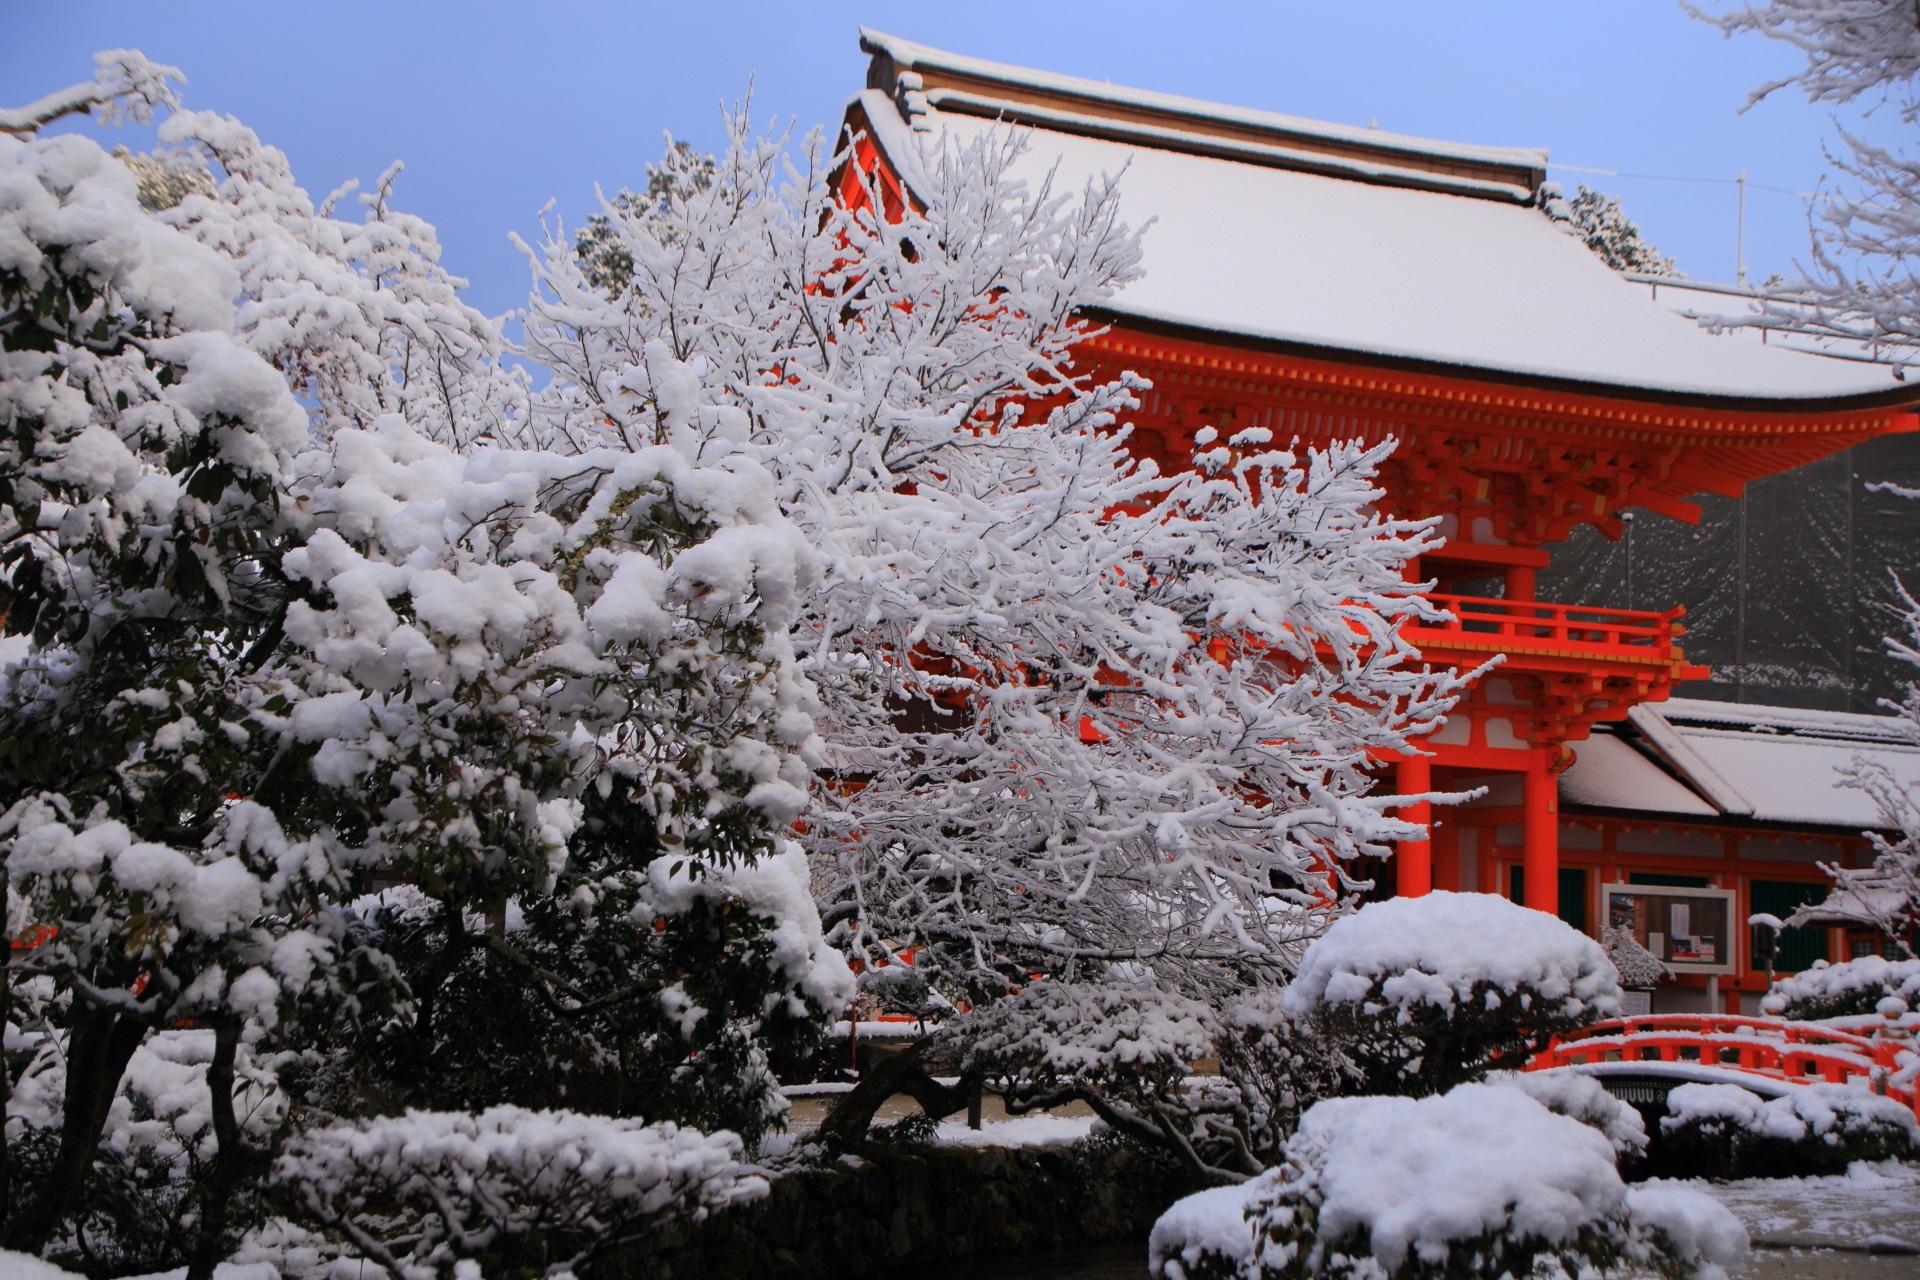 上賀茂神社の鮮やかな楼門と華やかな雪の花の絵になる冬の情景